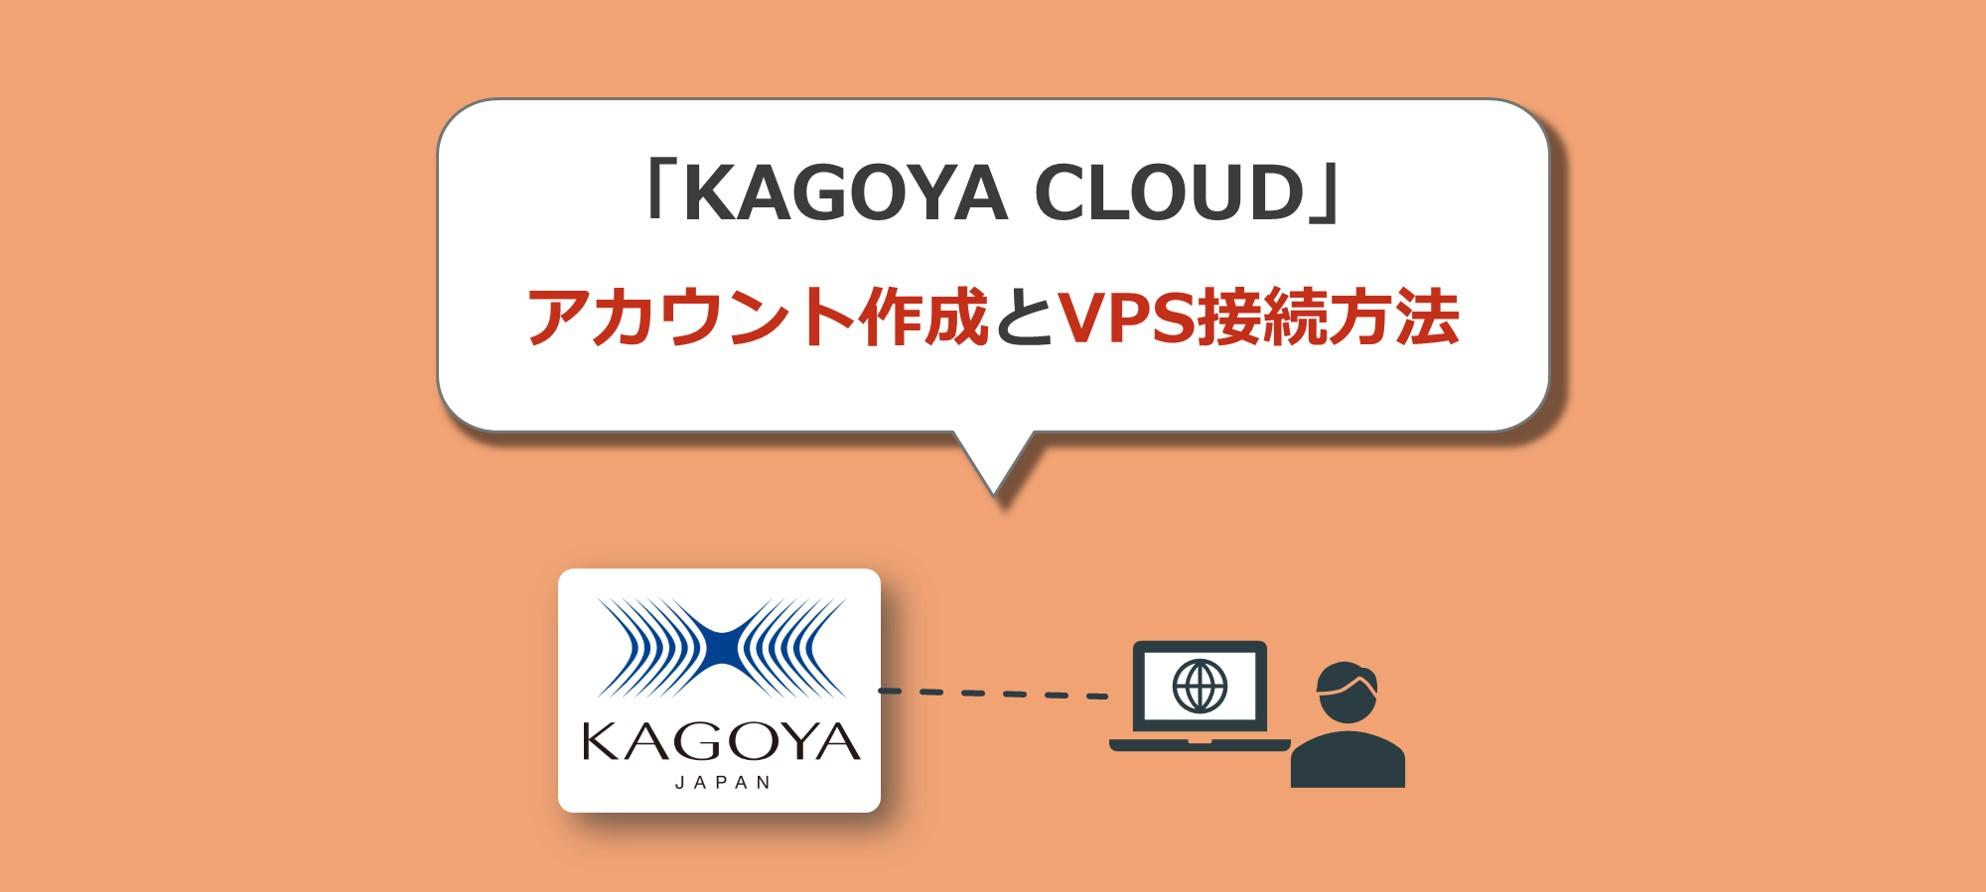 KAGOYA CLOUDでVPS接続してWindowsを使う方法